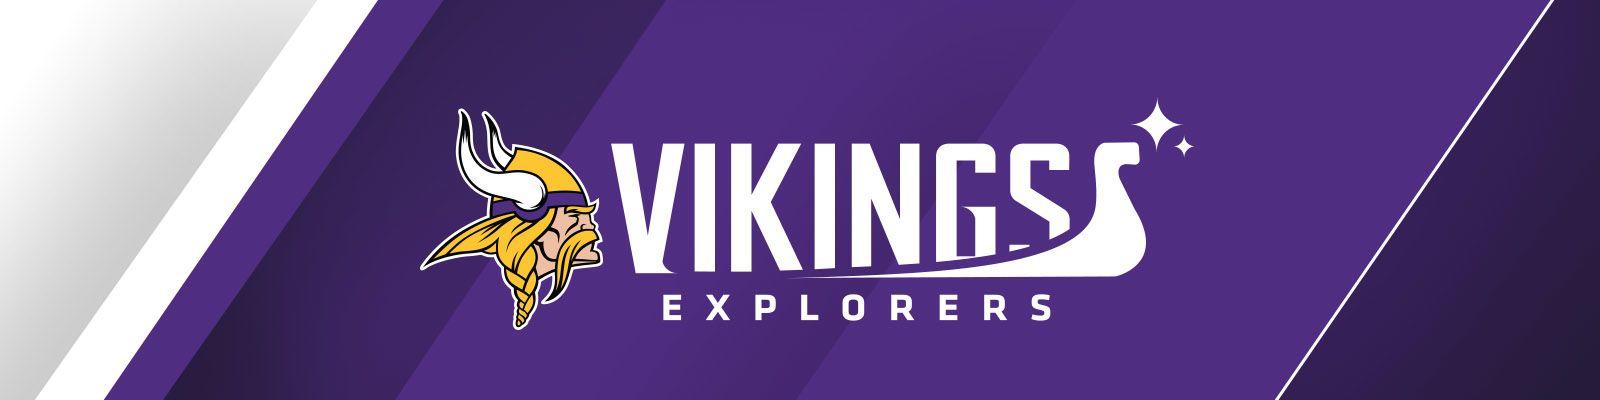 Explorers_1600x400